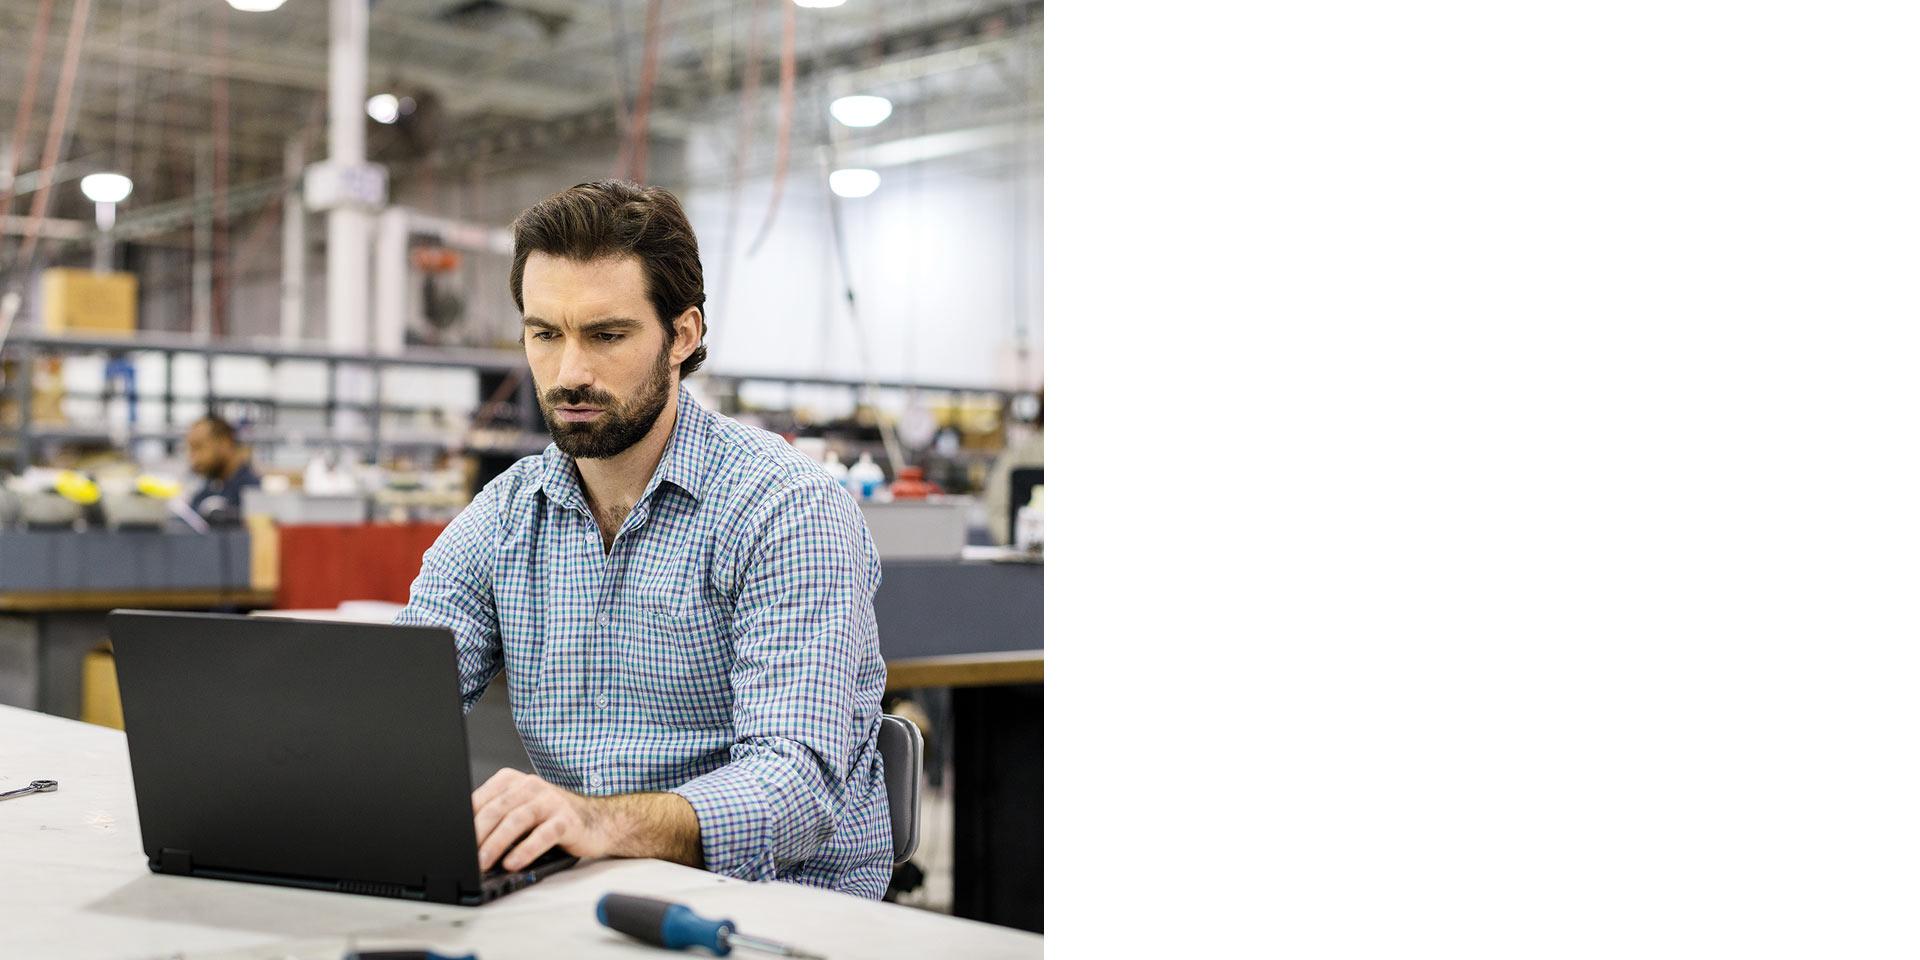 Un homme qui utilise un ordinateur portable dans une usine